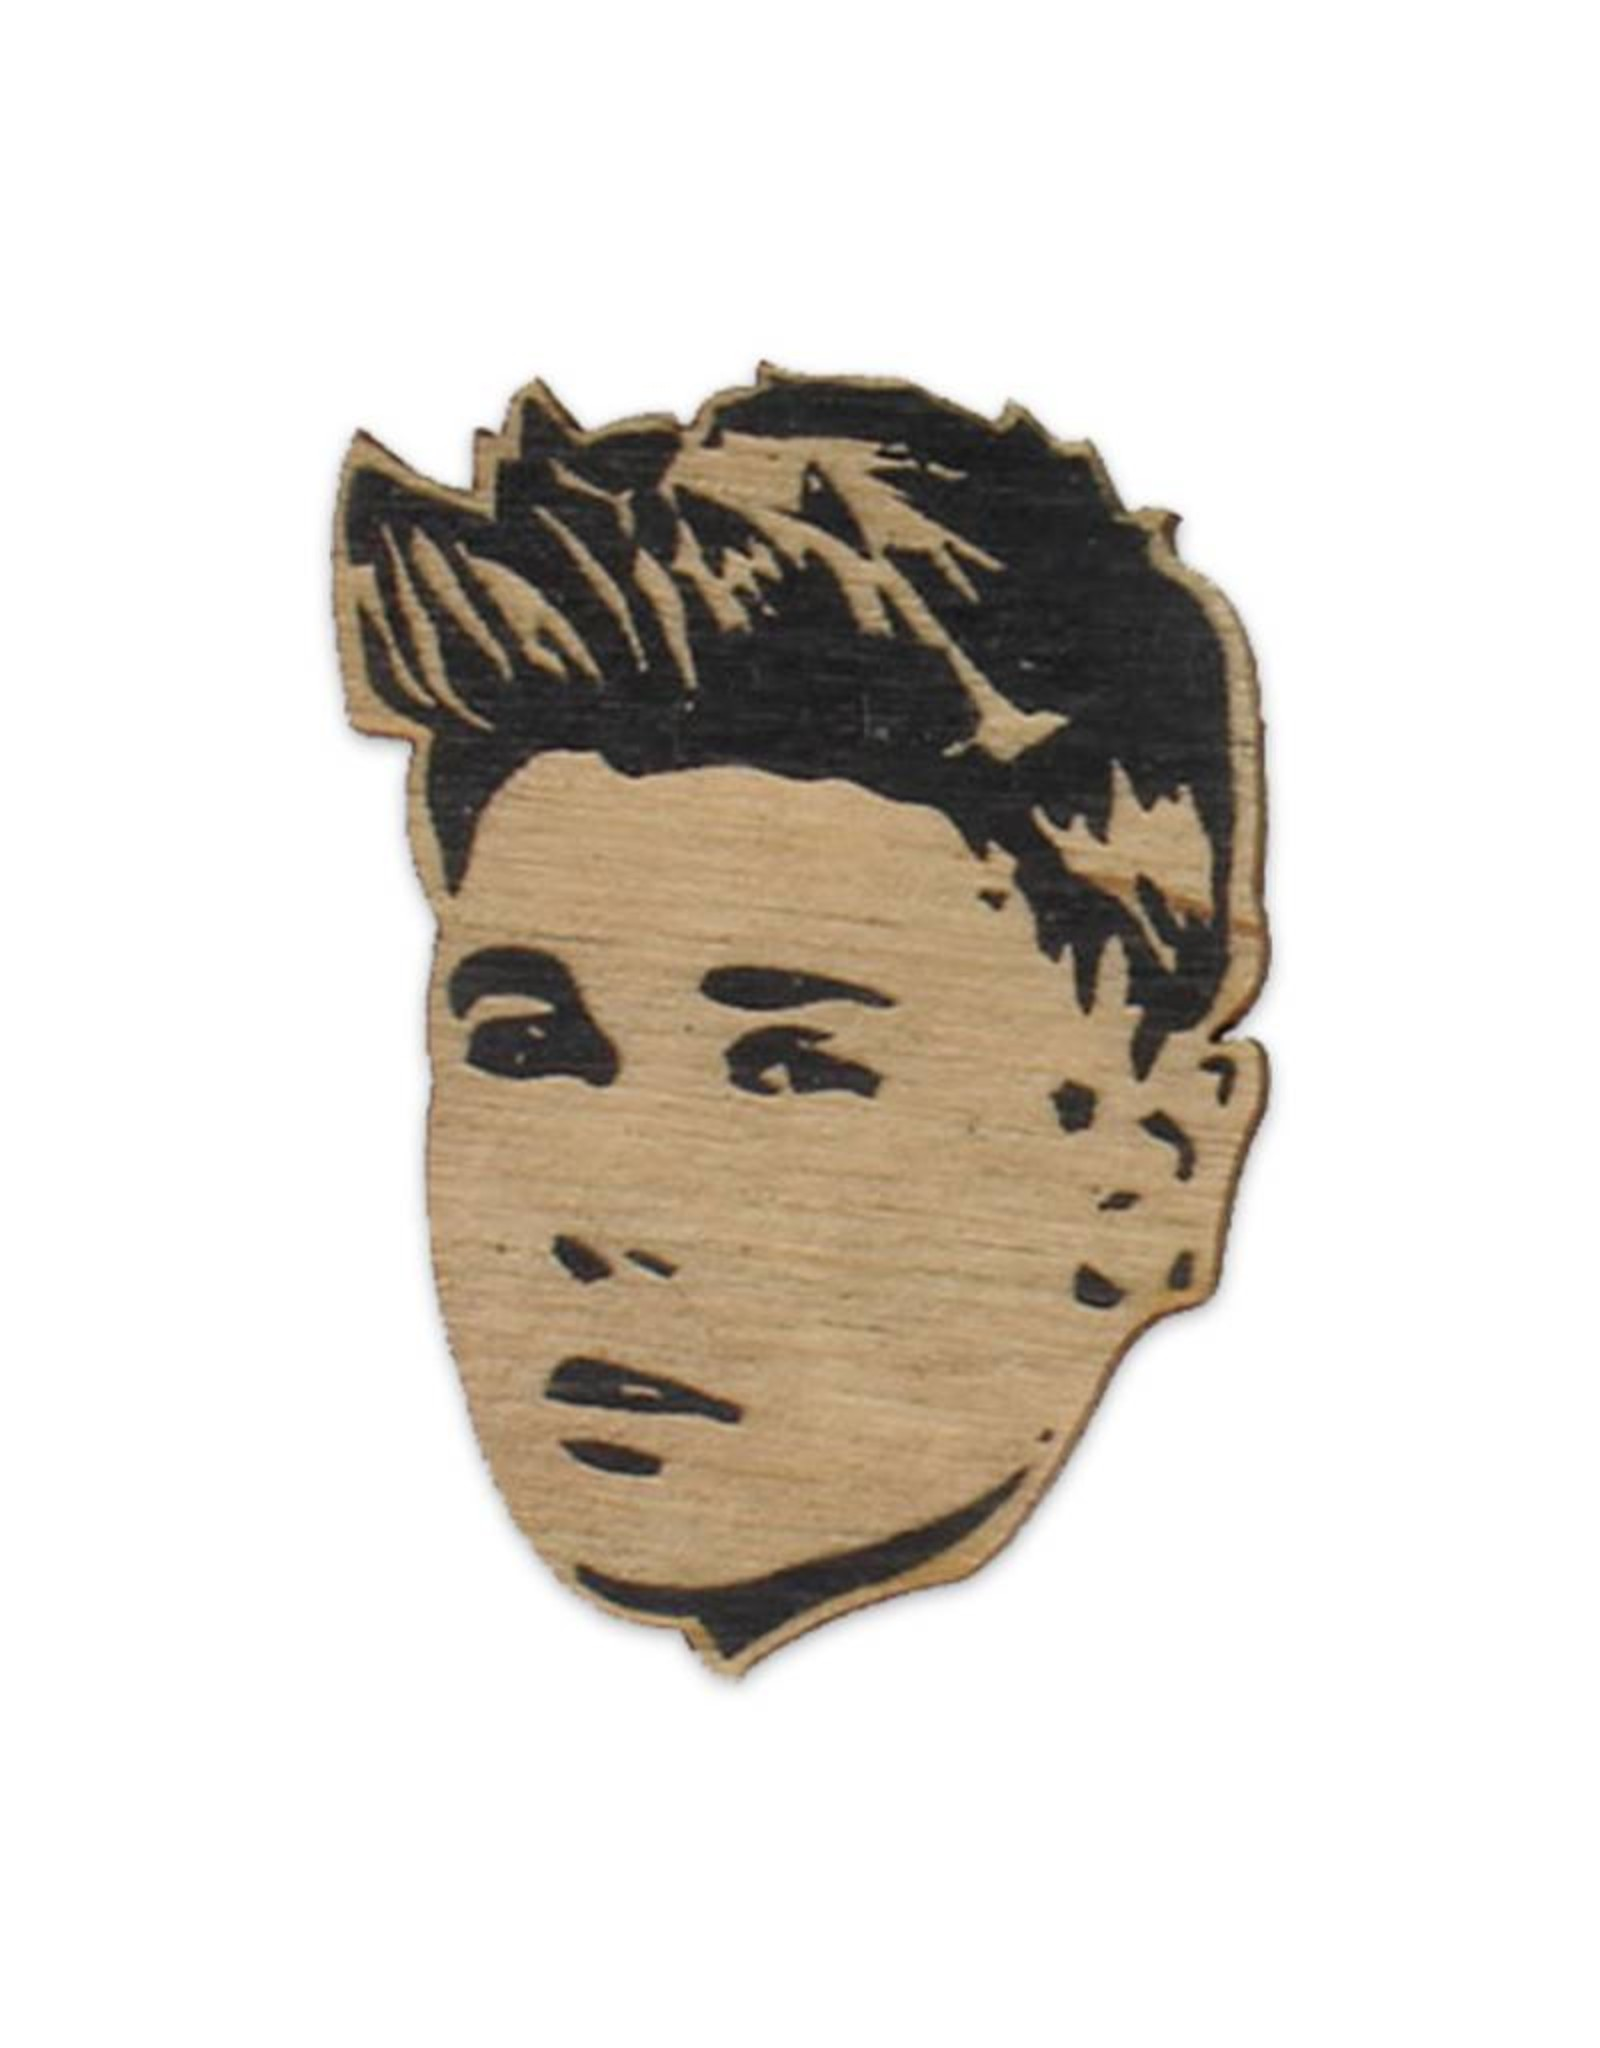 Justin Bieber Wooden Magnet